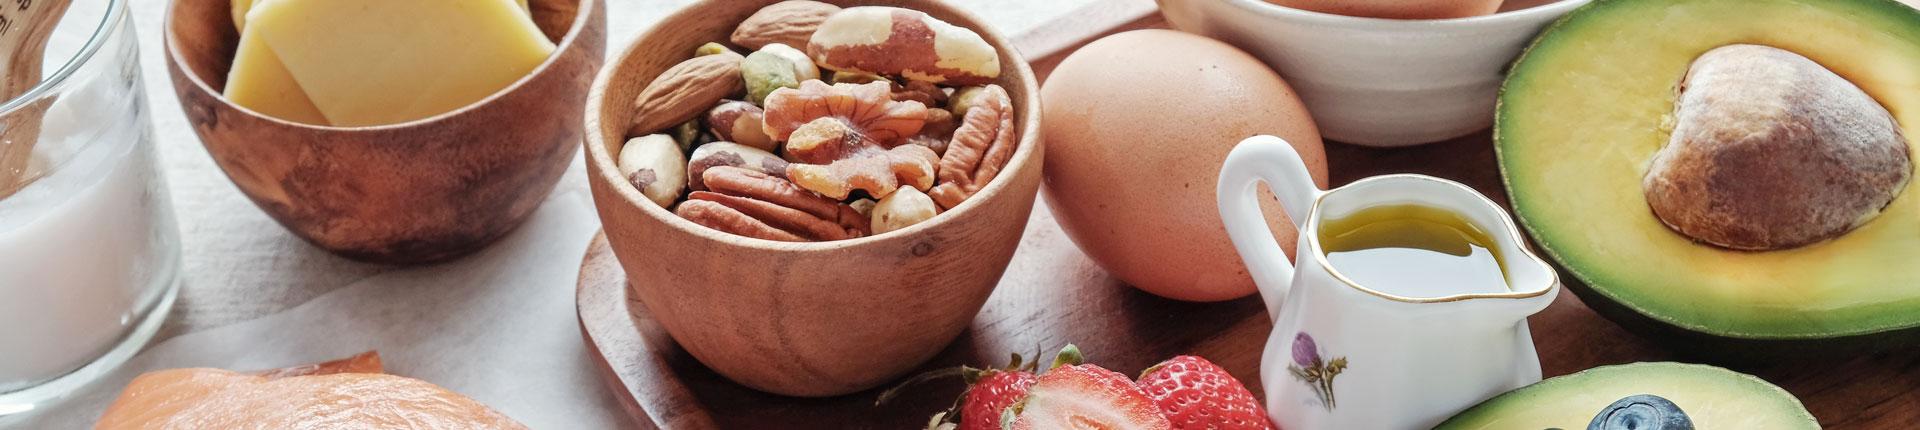 Czy dieta Lowcarb może wyleczyć zespół metaboliczny?